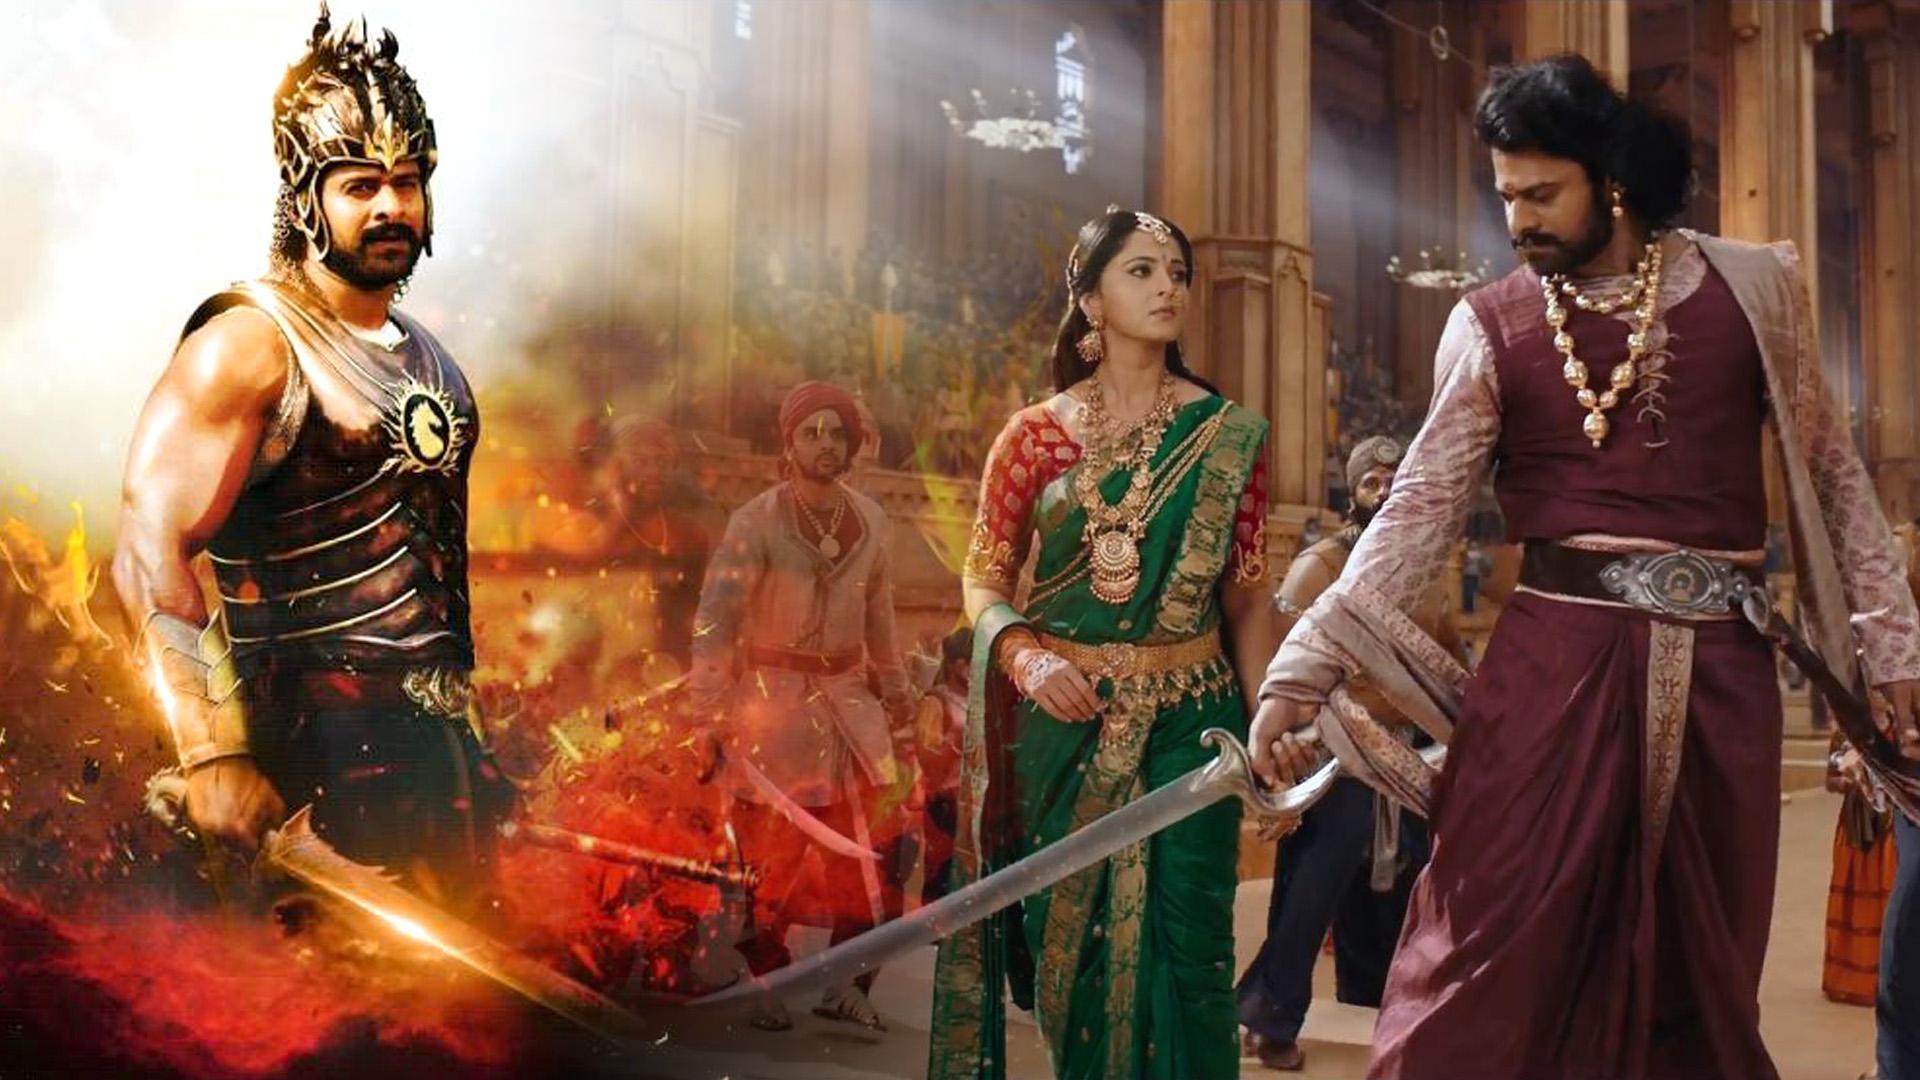 印度神作《巴霍巴利王2》震撼回归,打造出史诗级的华丽视听盛宴